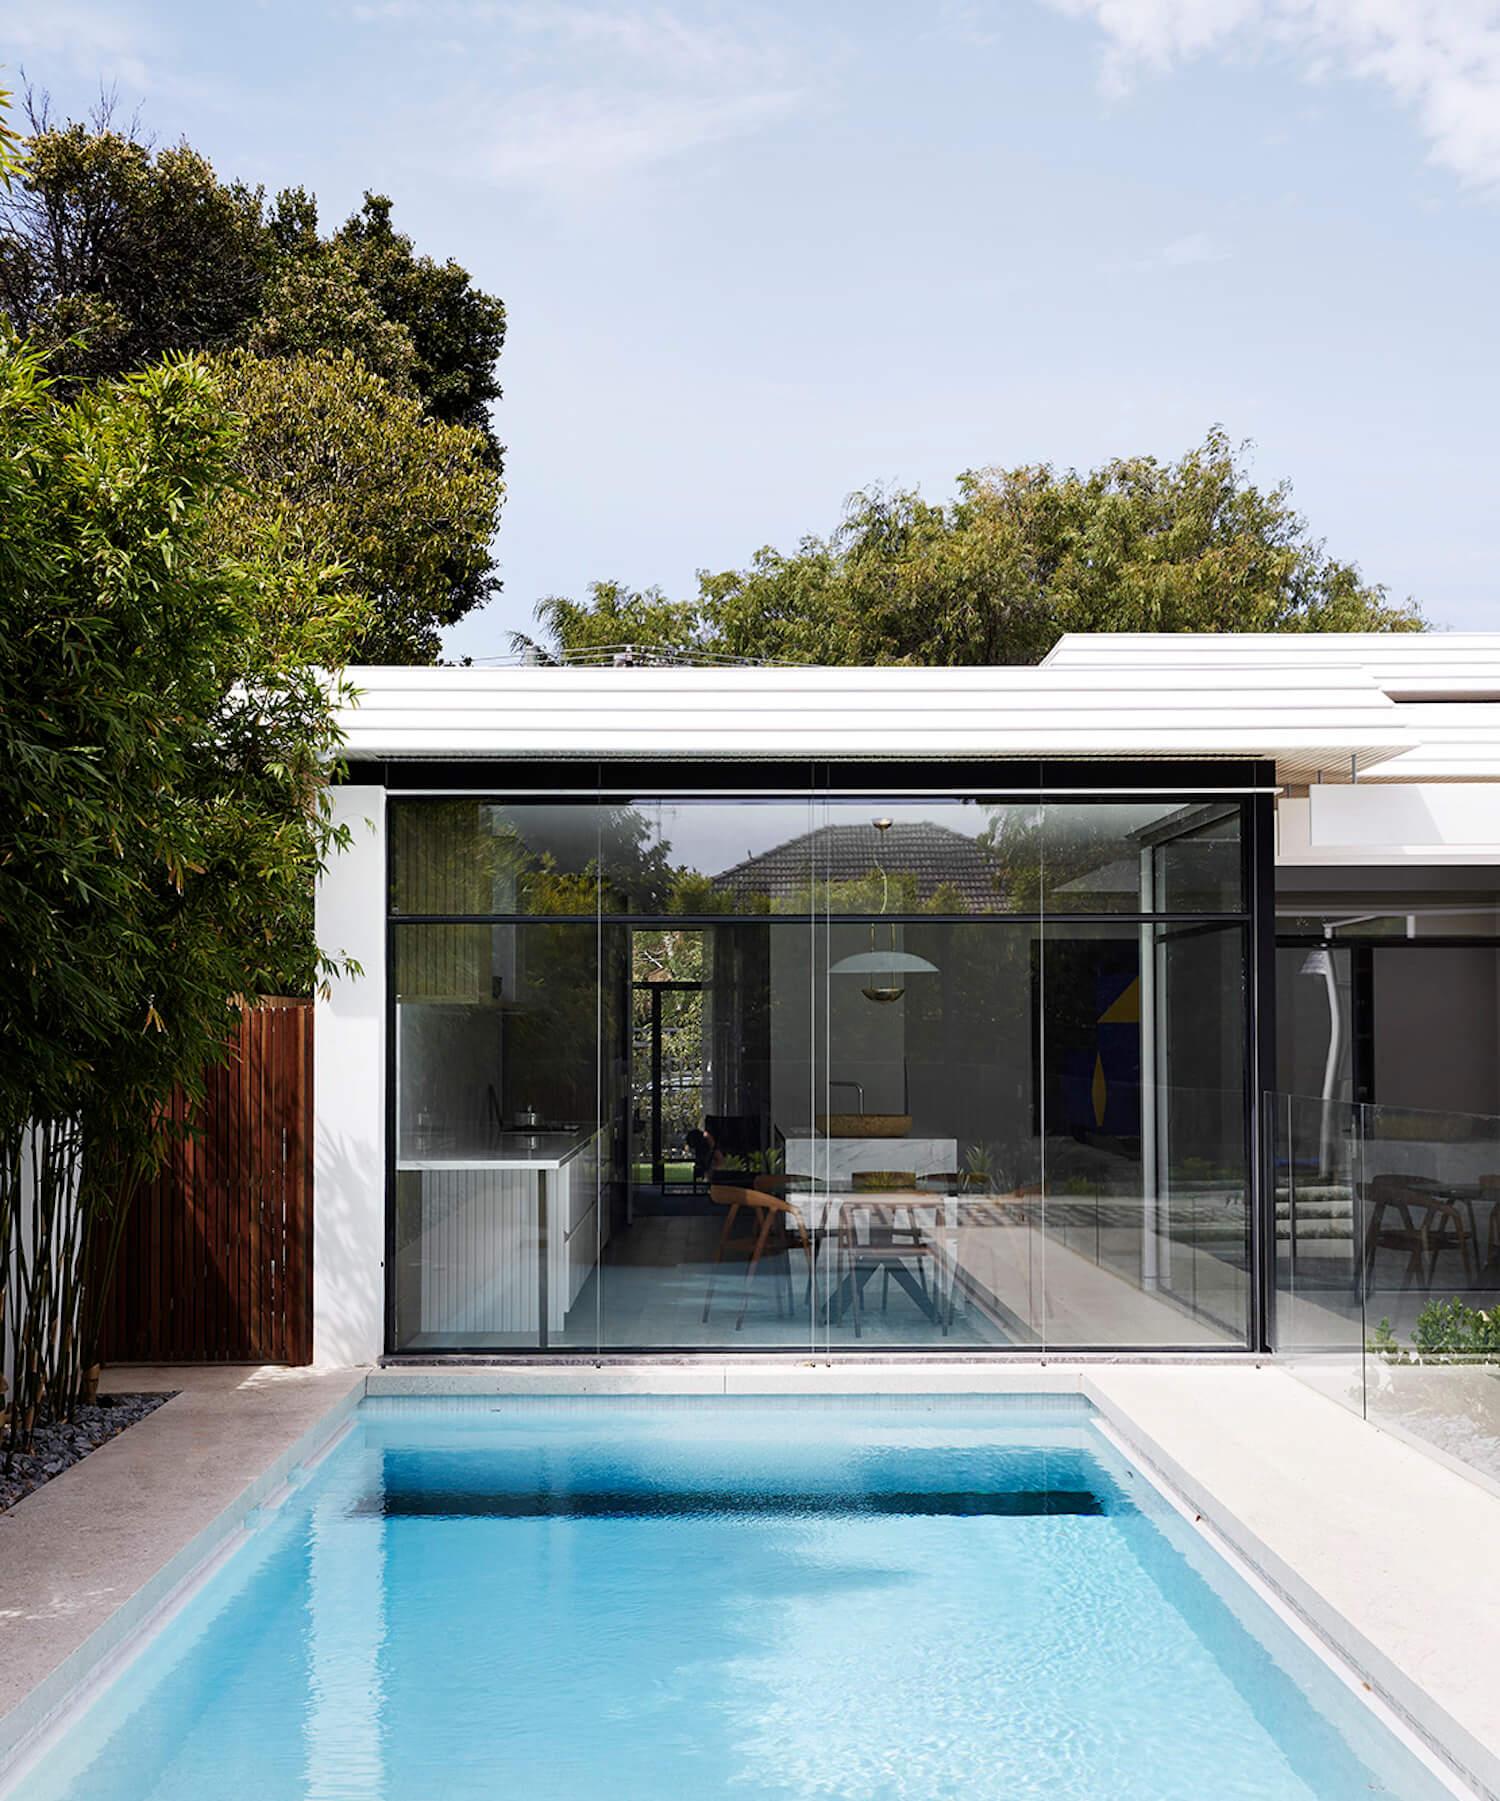 est living mim design caulfield home sharyn cairns 10